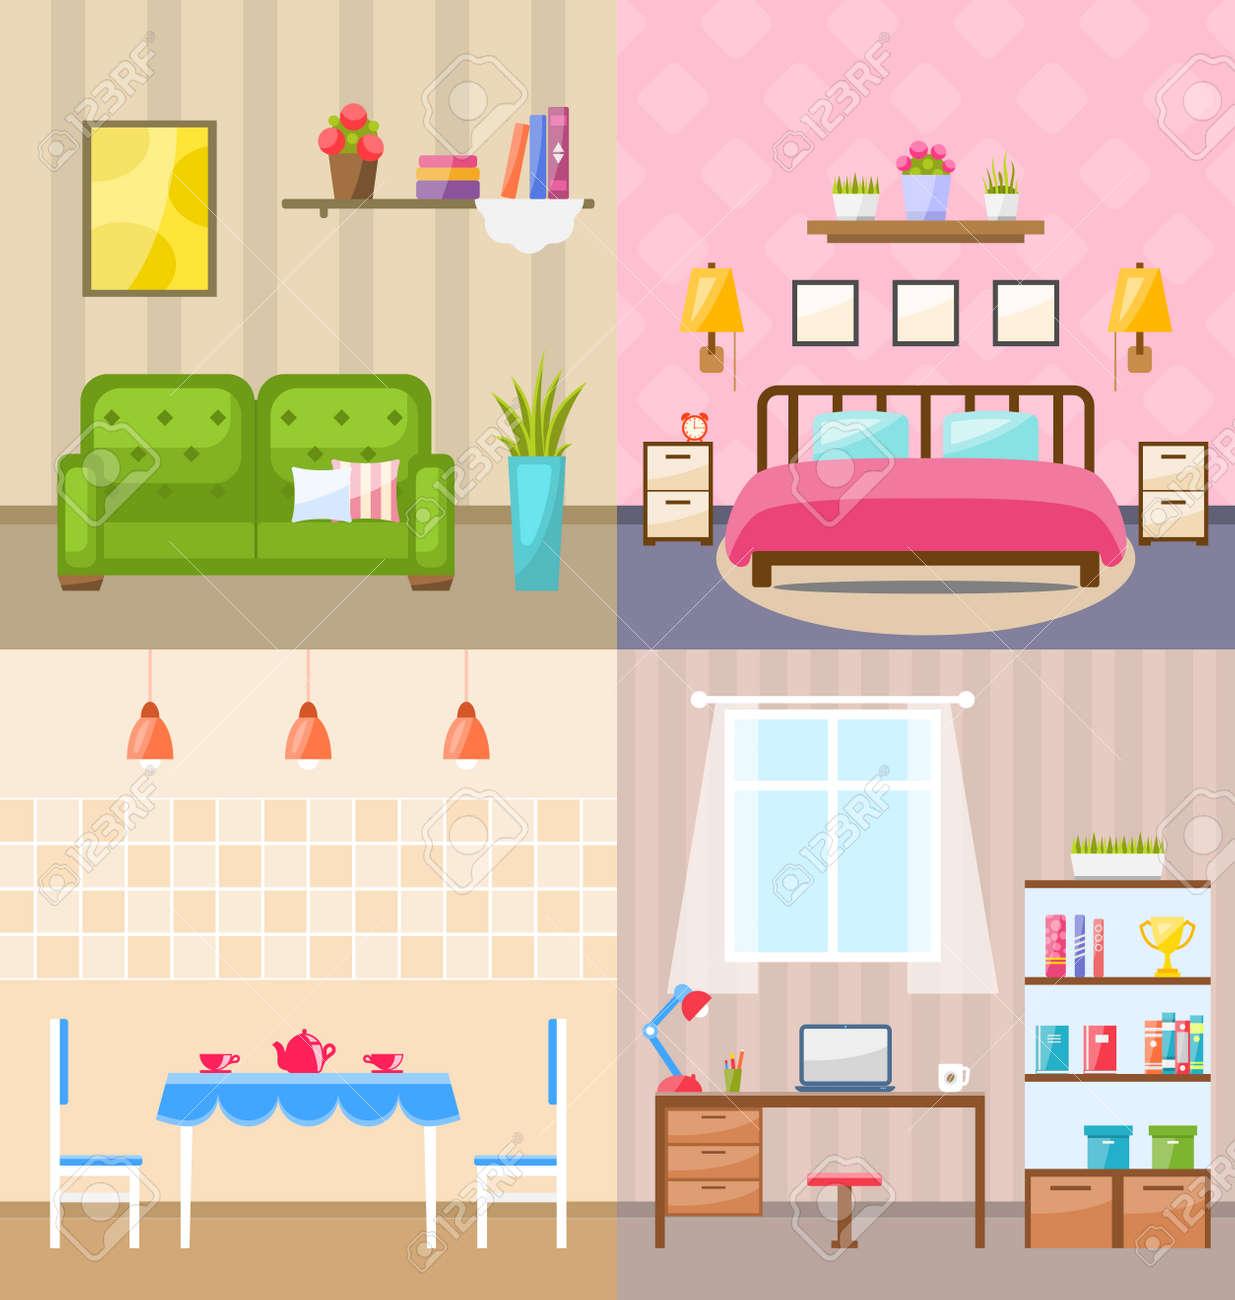 GroBartig Illustration Set Zimmer Innenräume Mit Möbel Wohnung Icons: Wohnzimmer Mit  Sofa, Schlafzimmer Mit Bett